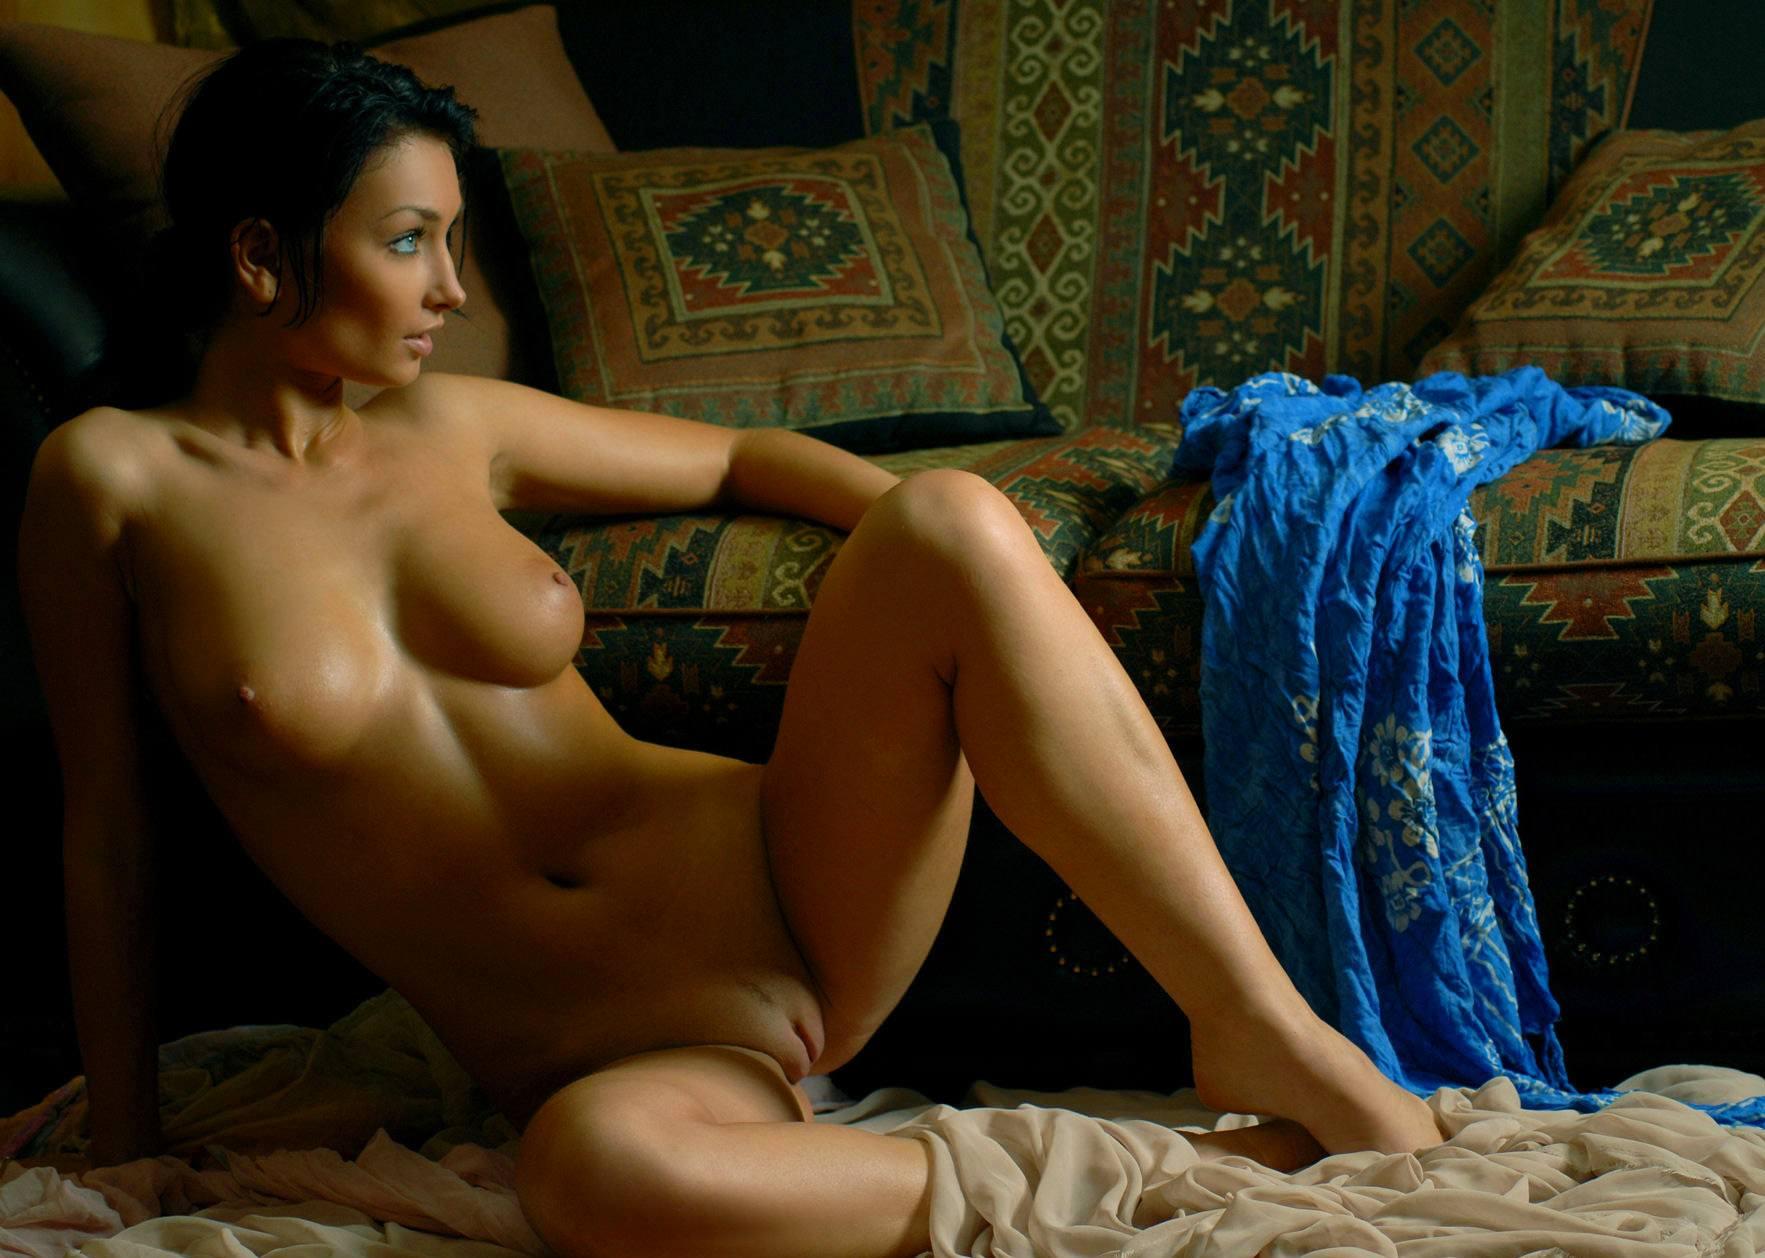 Фото фото девушки с красивой грудью и пиздой